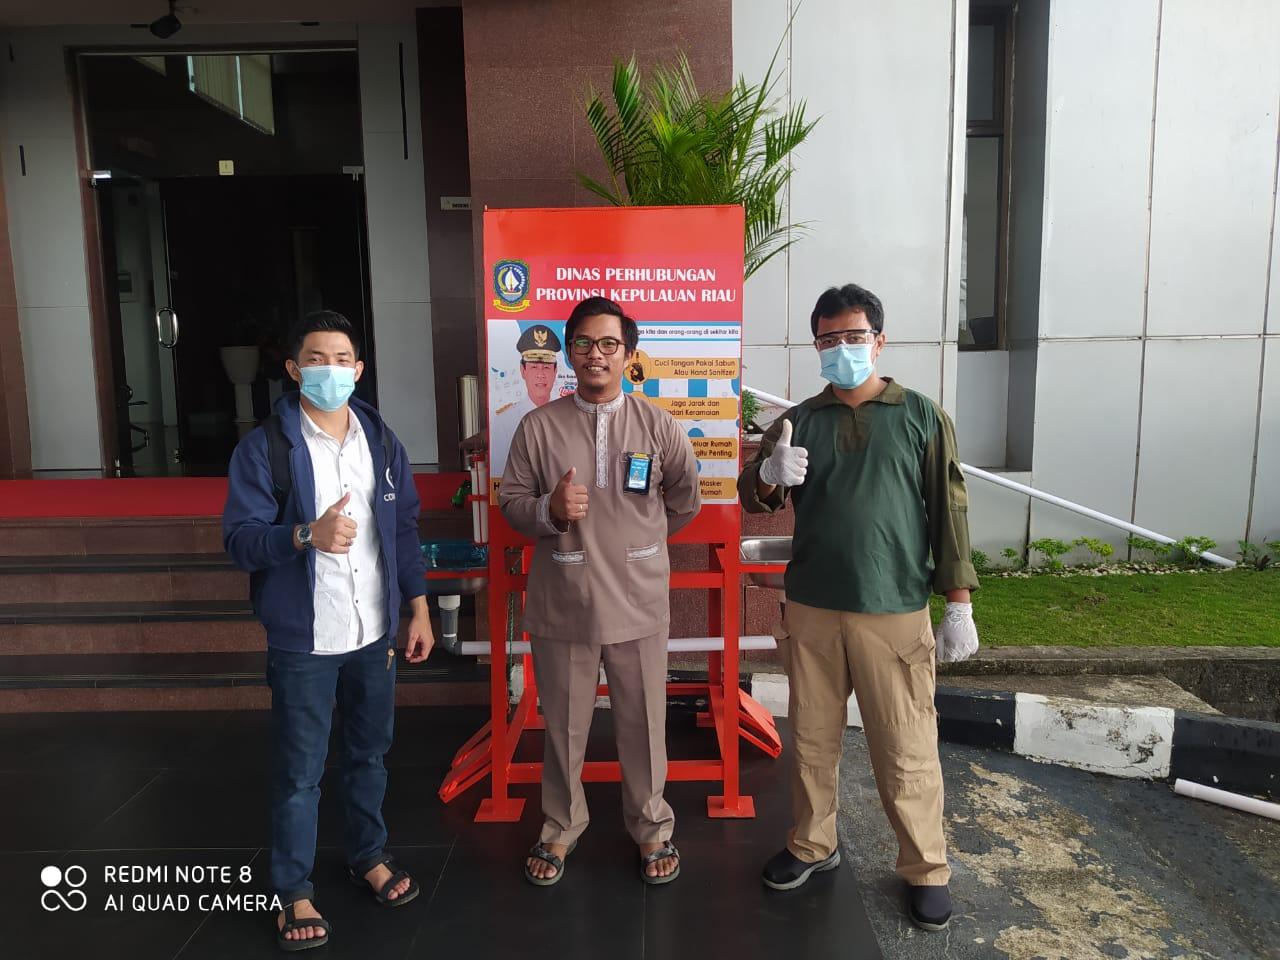 Foto Penempatan 1 Set Tempat Cuci Tangan Kapasitas 300 Liter Untuk VIP Raja Ali Haji Fisabilillah